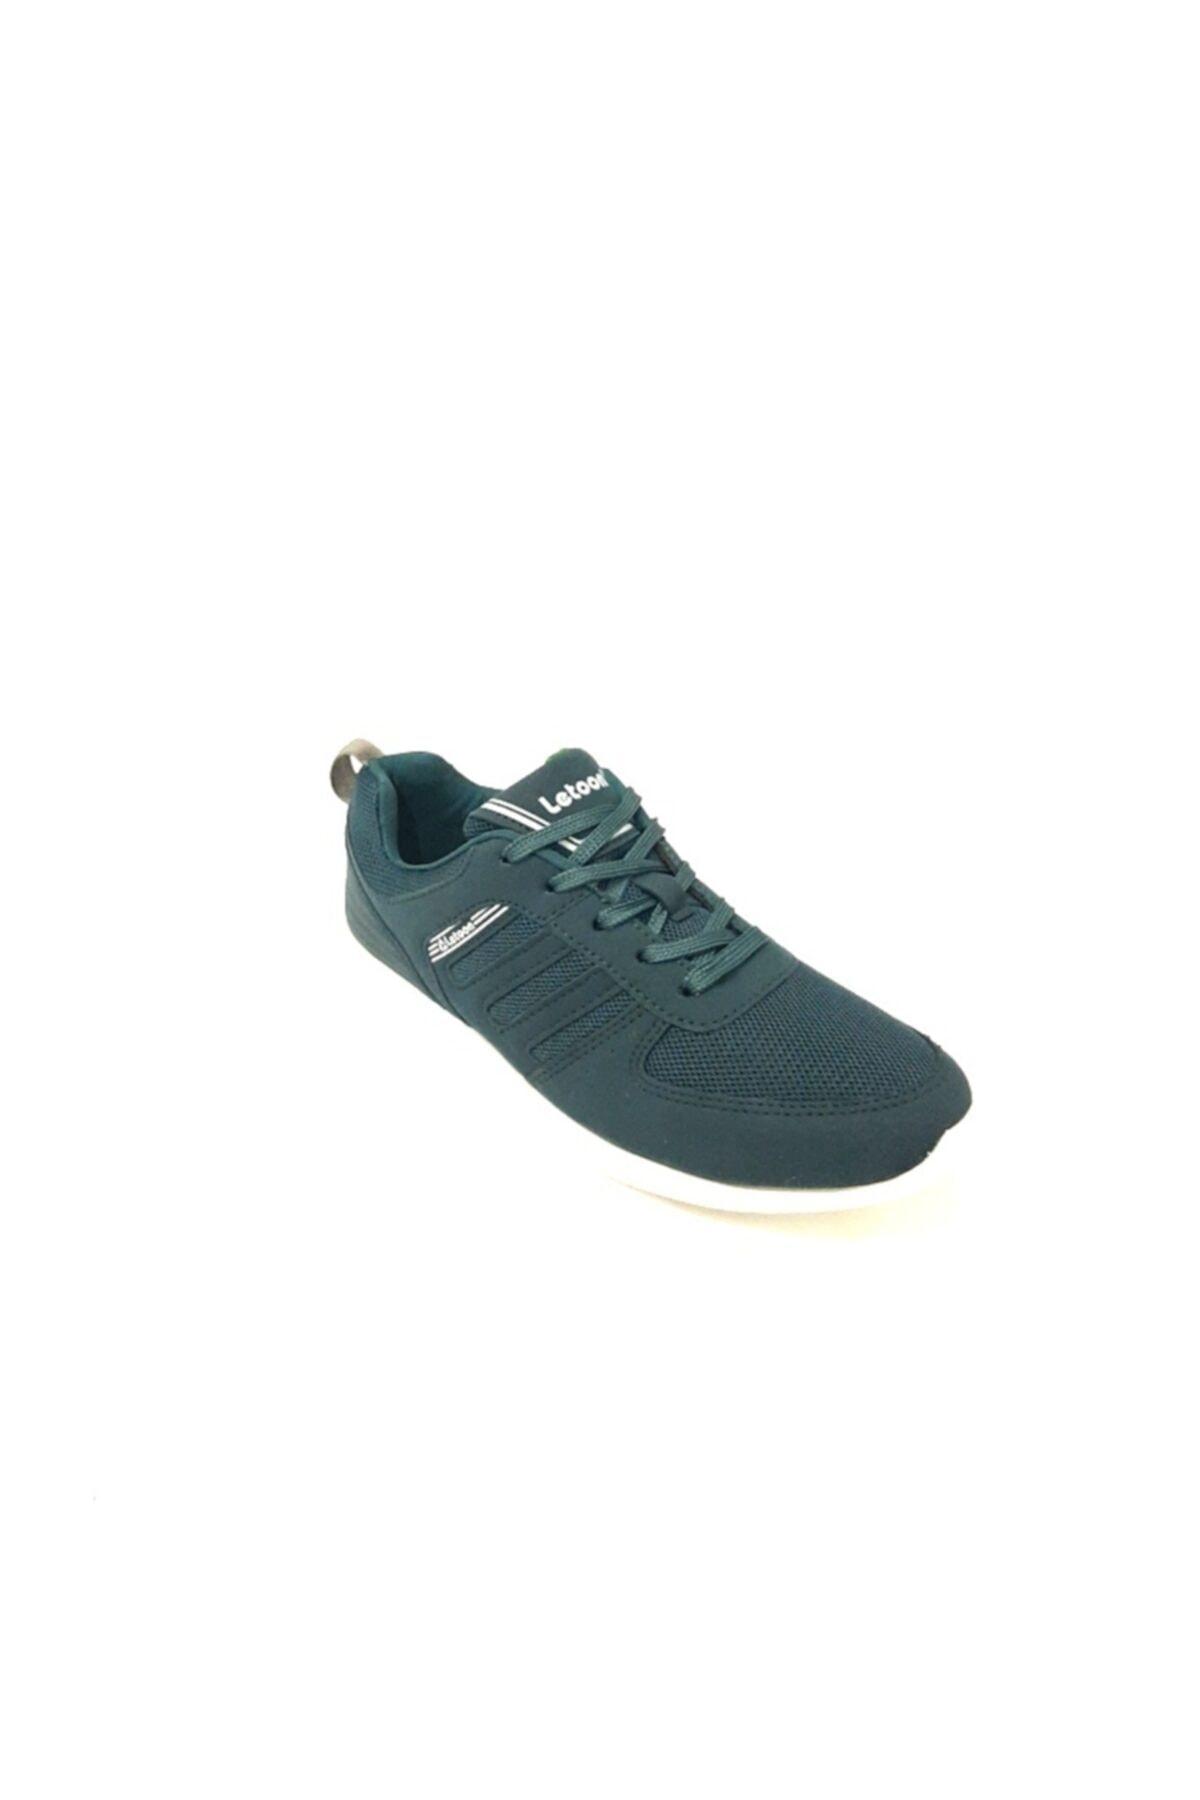 LETOON Unisex Antibakteriel Ortapedik Spor Ayakkabı 2